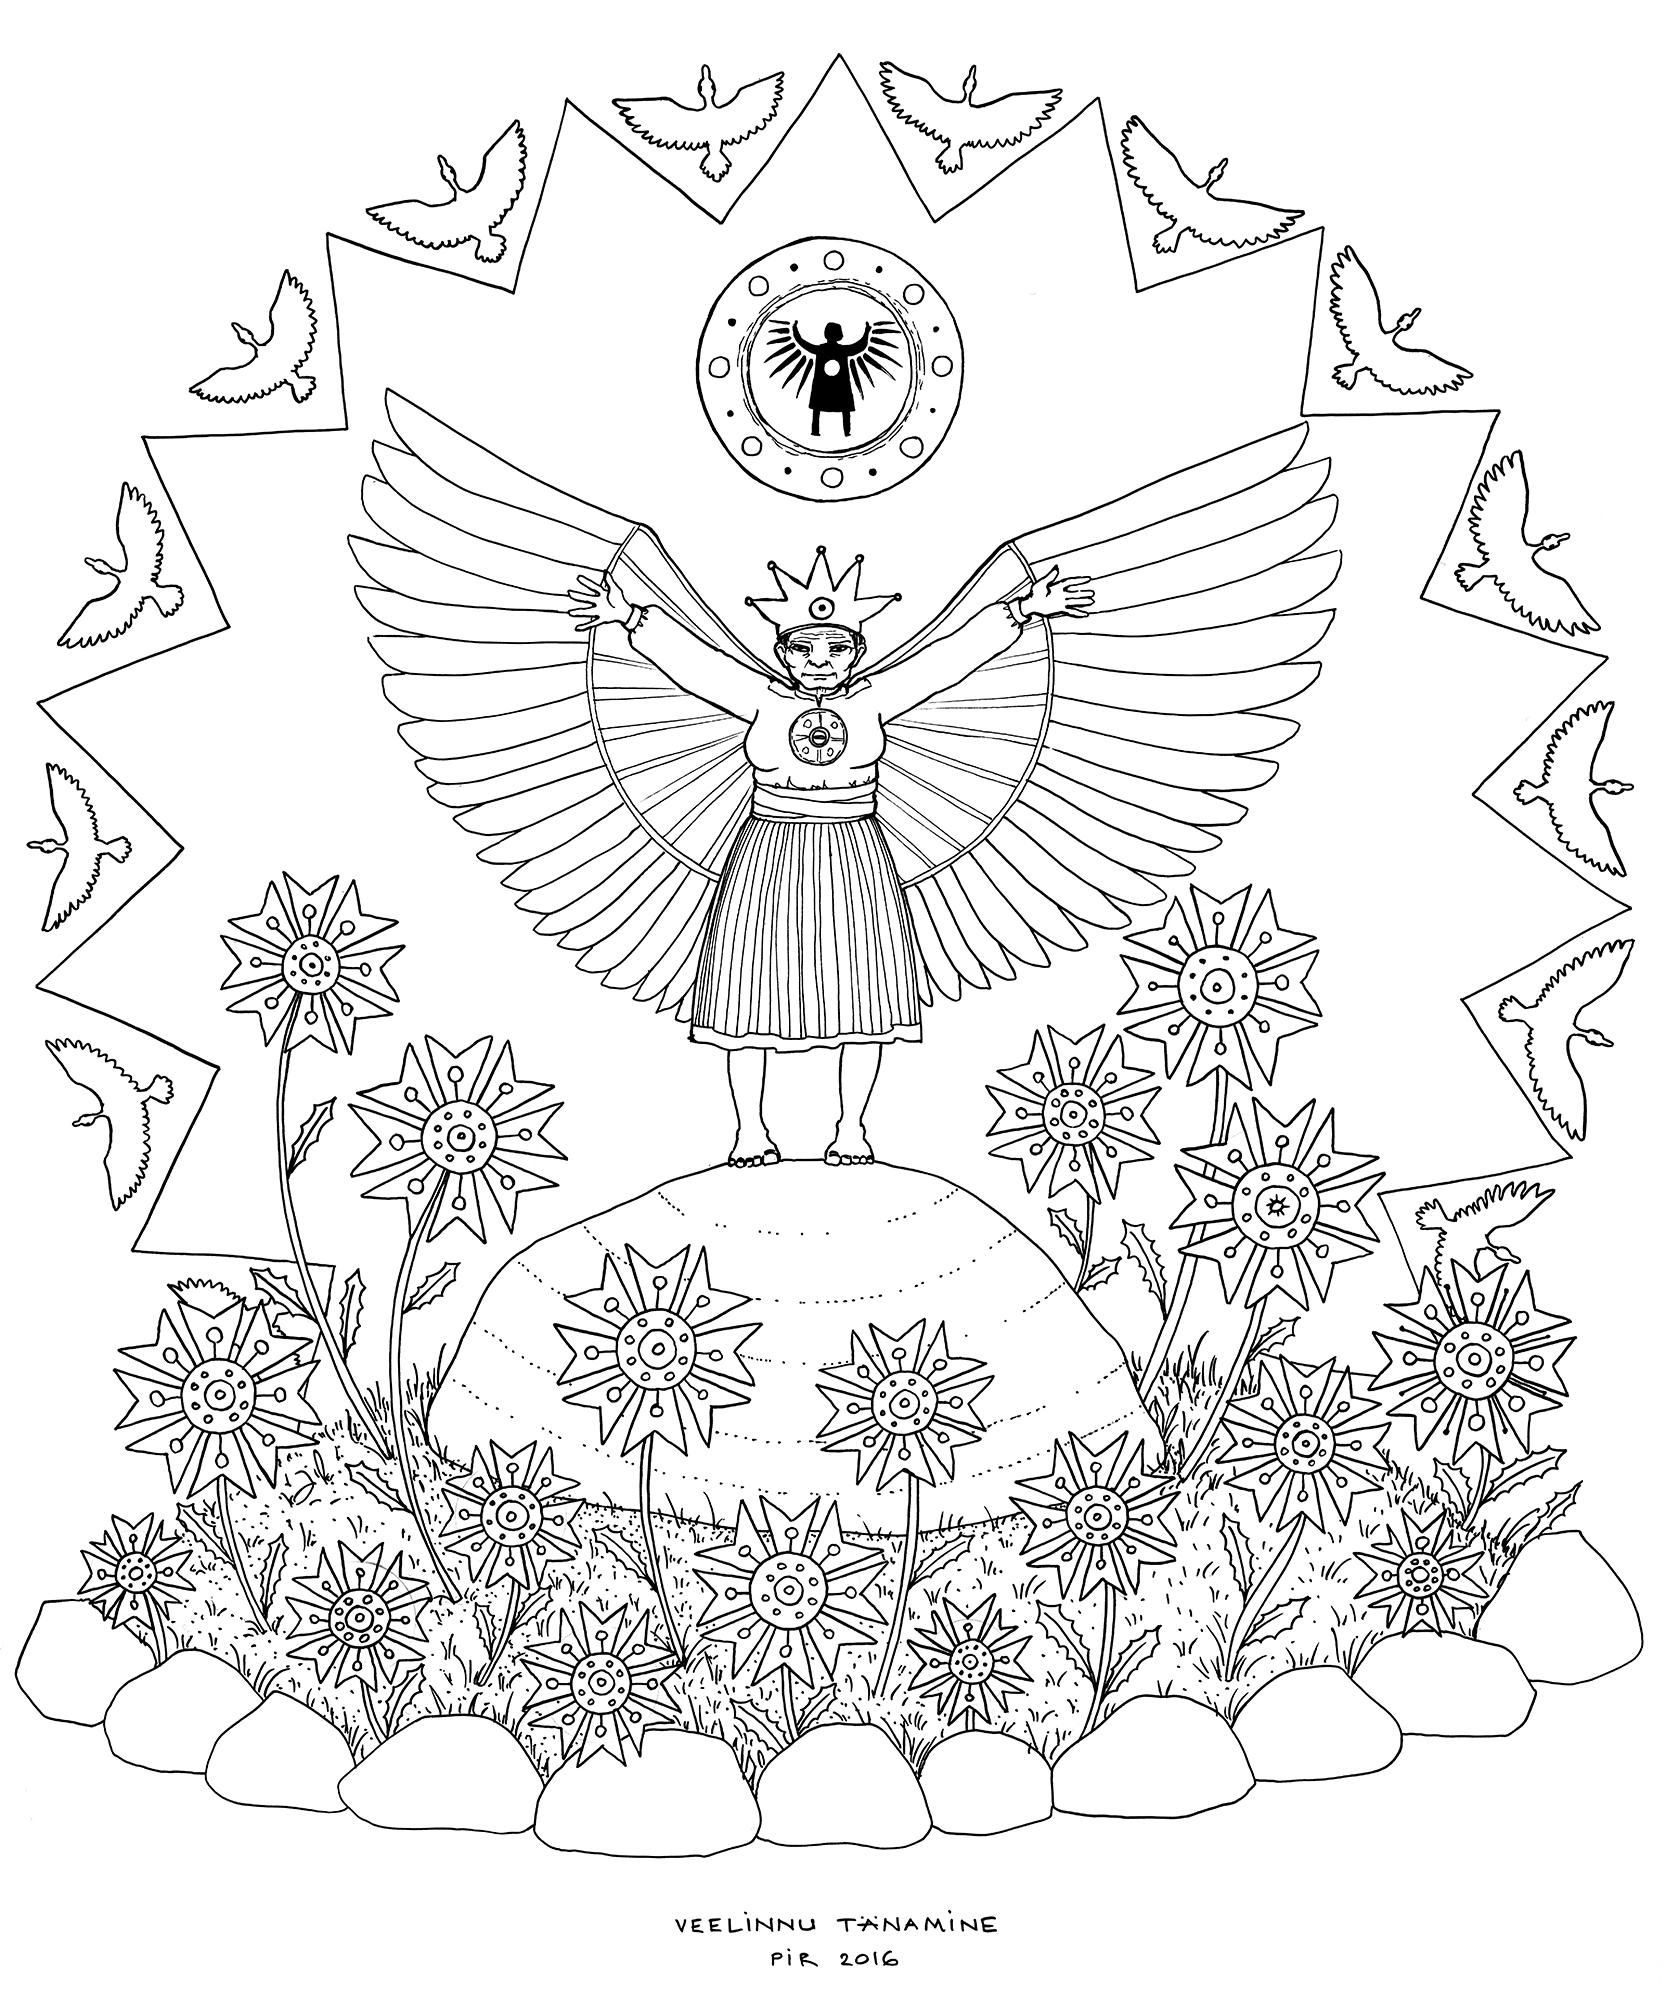 VEELINNU-TANAMINE